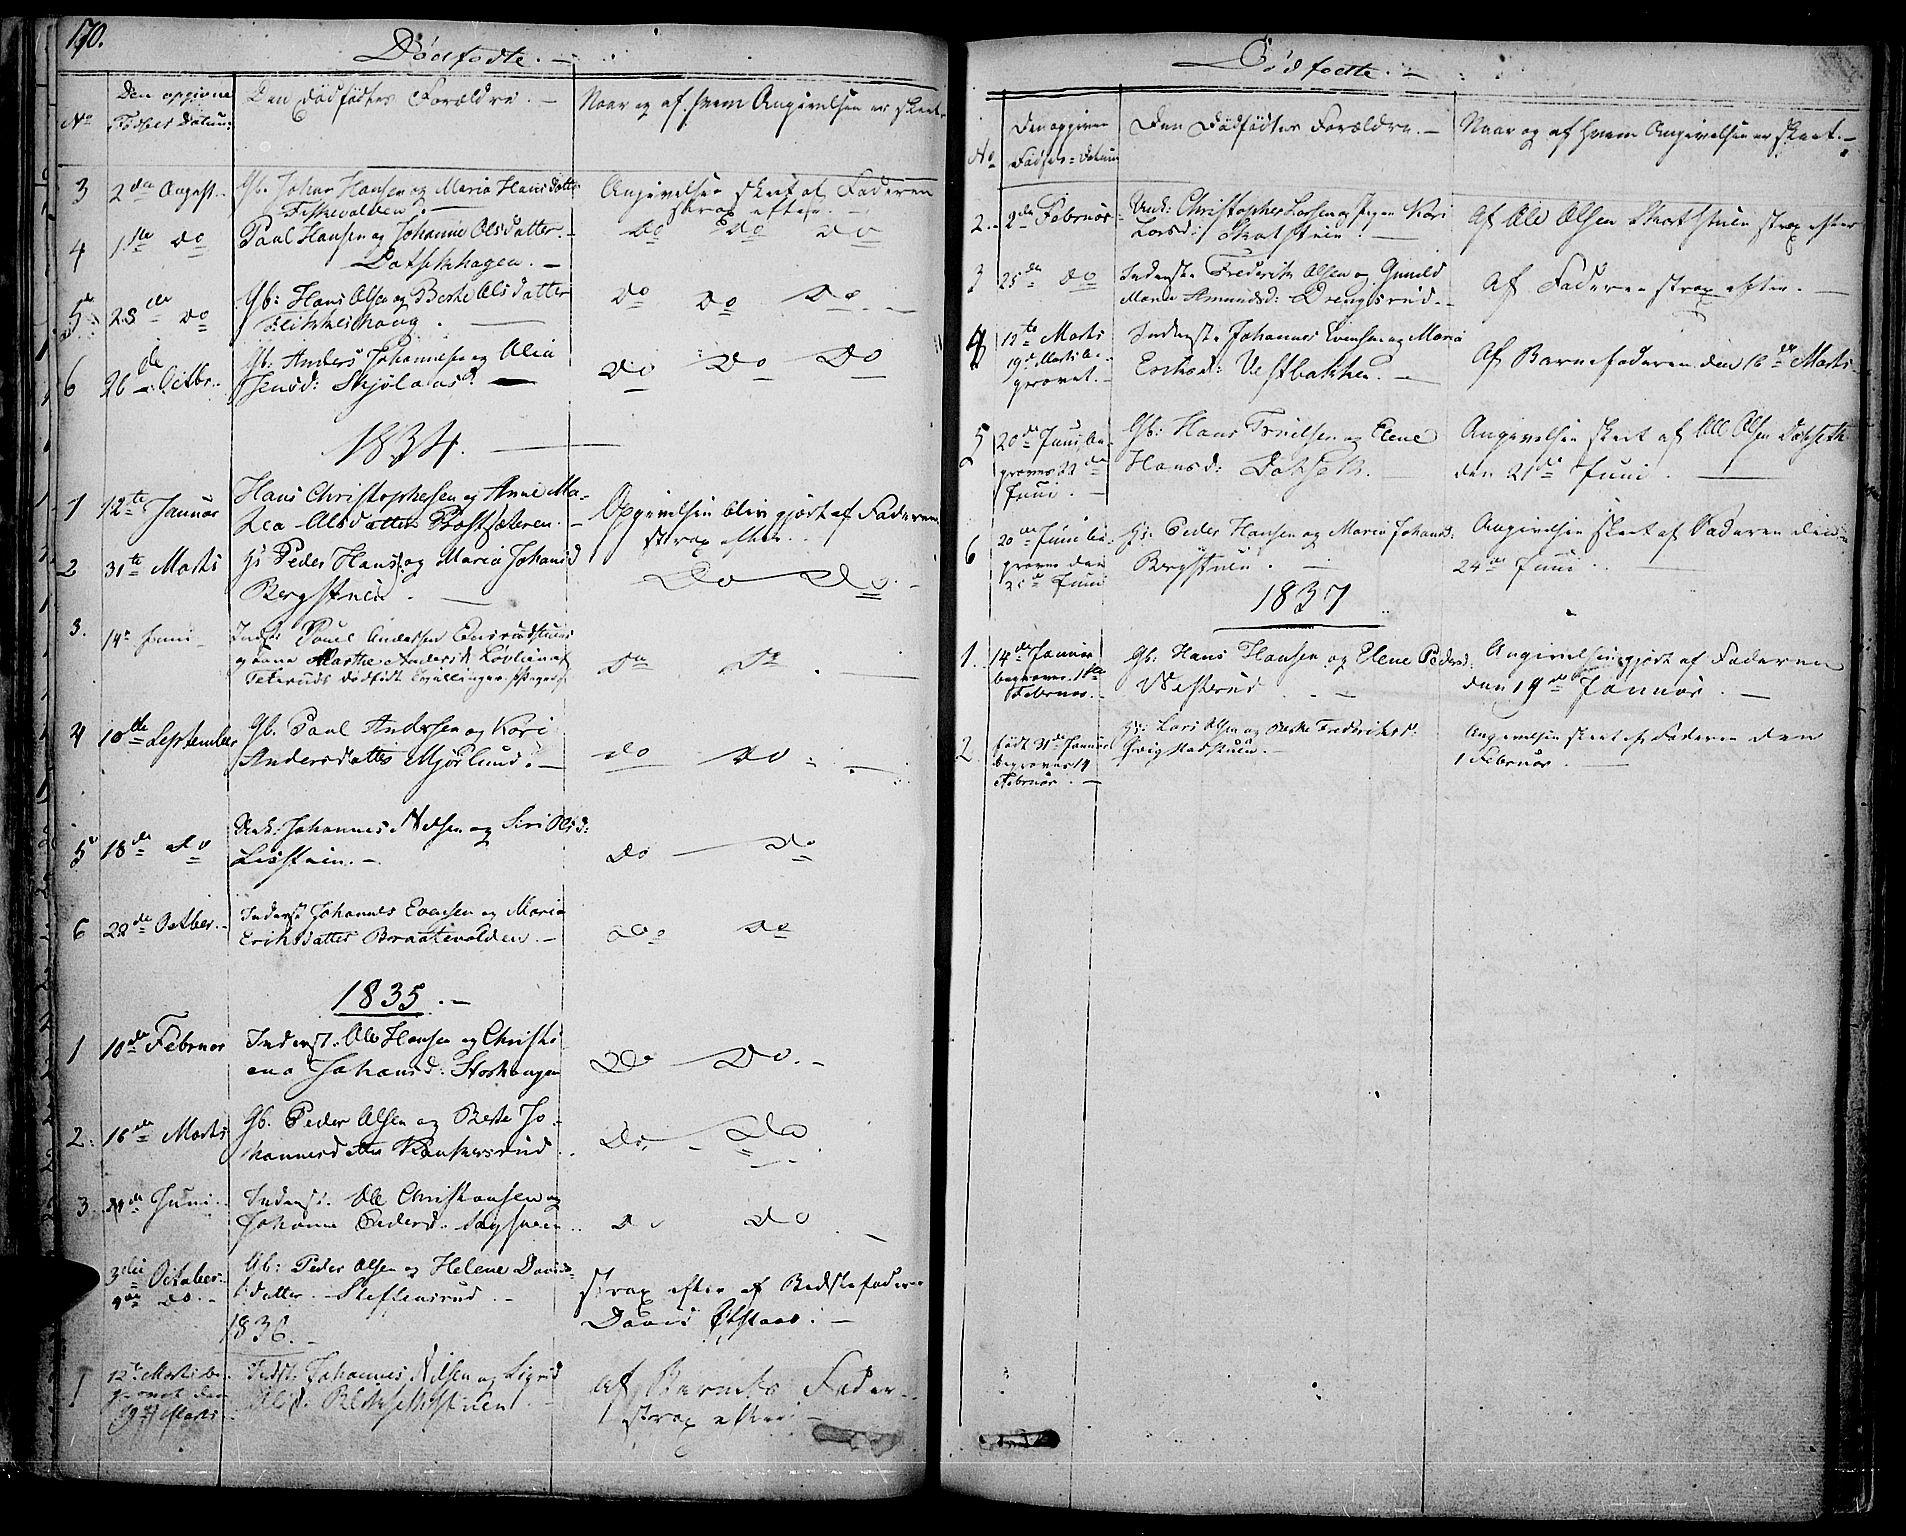 SAH, Vestre Toten prestekontor, Ministerialbok nr. 2, 1825-1837, s. 170